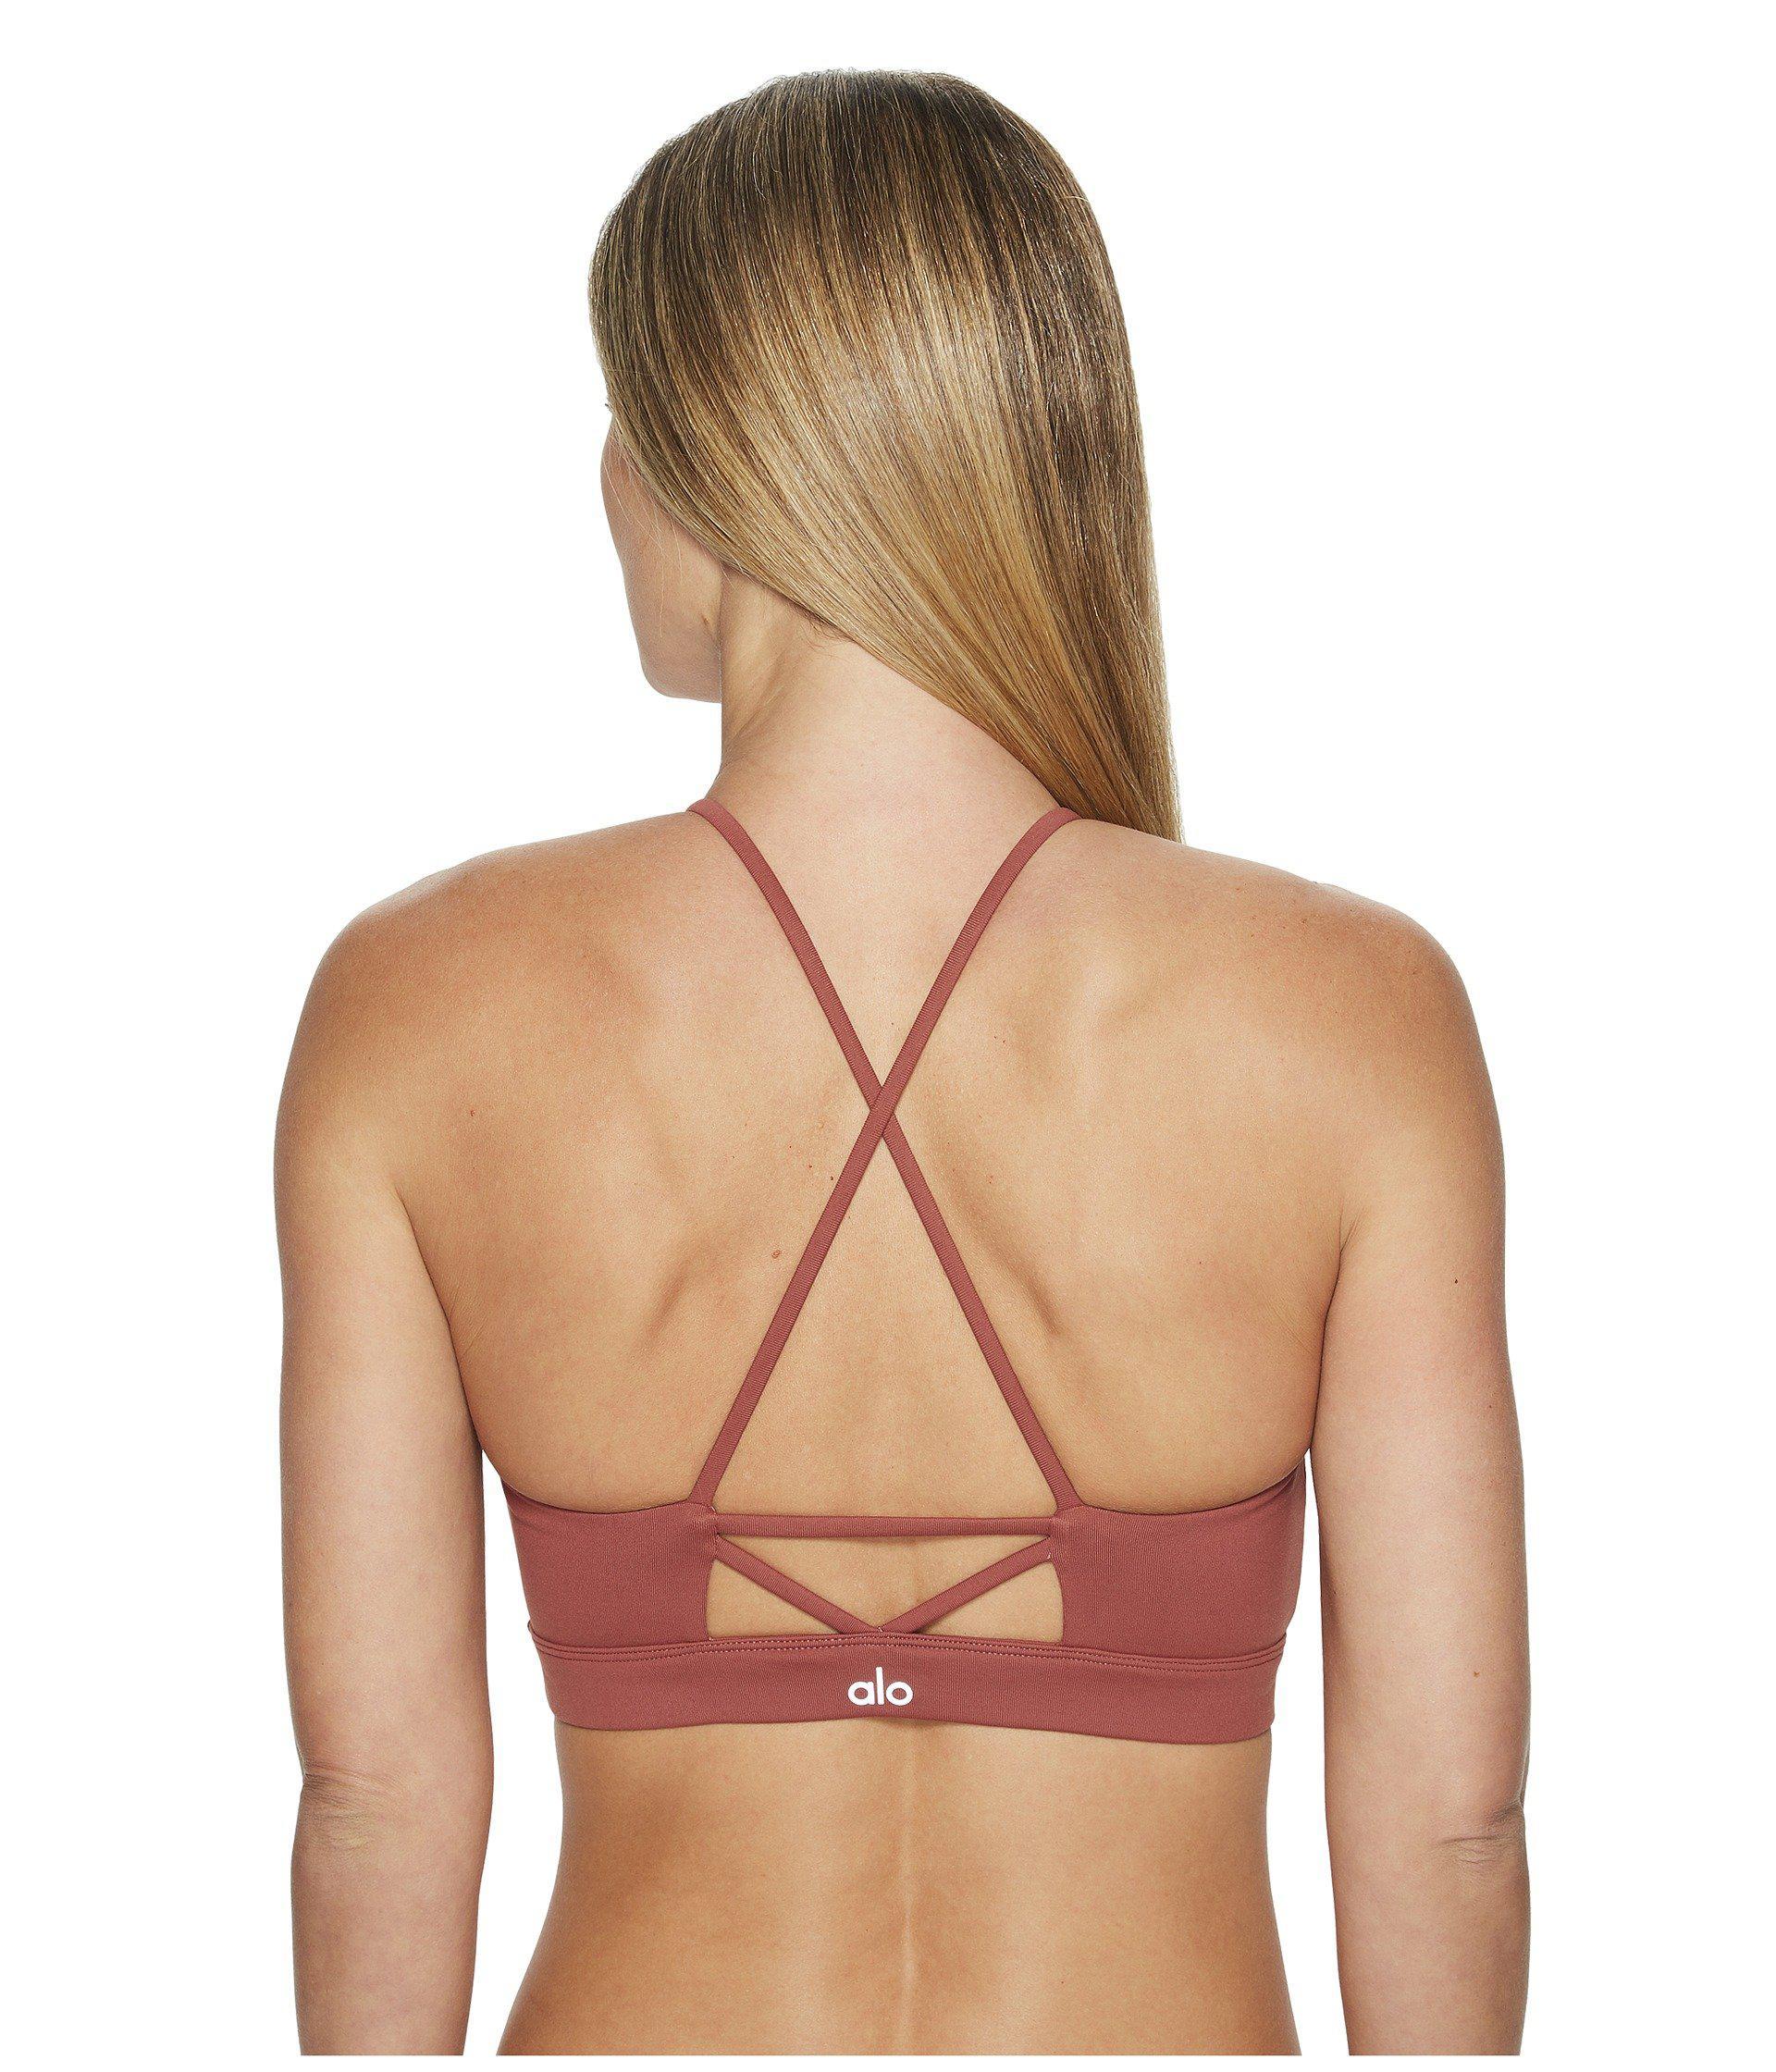 e78b8902c4d8e Lyst - Alo Yoga Starlet Lace Bra